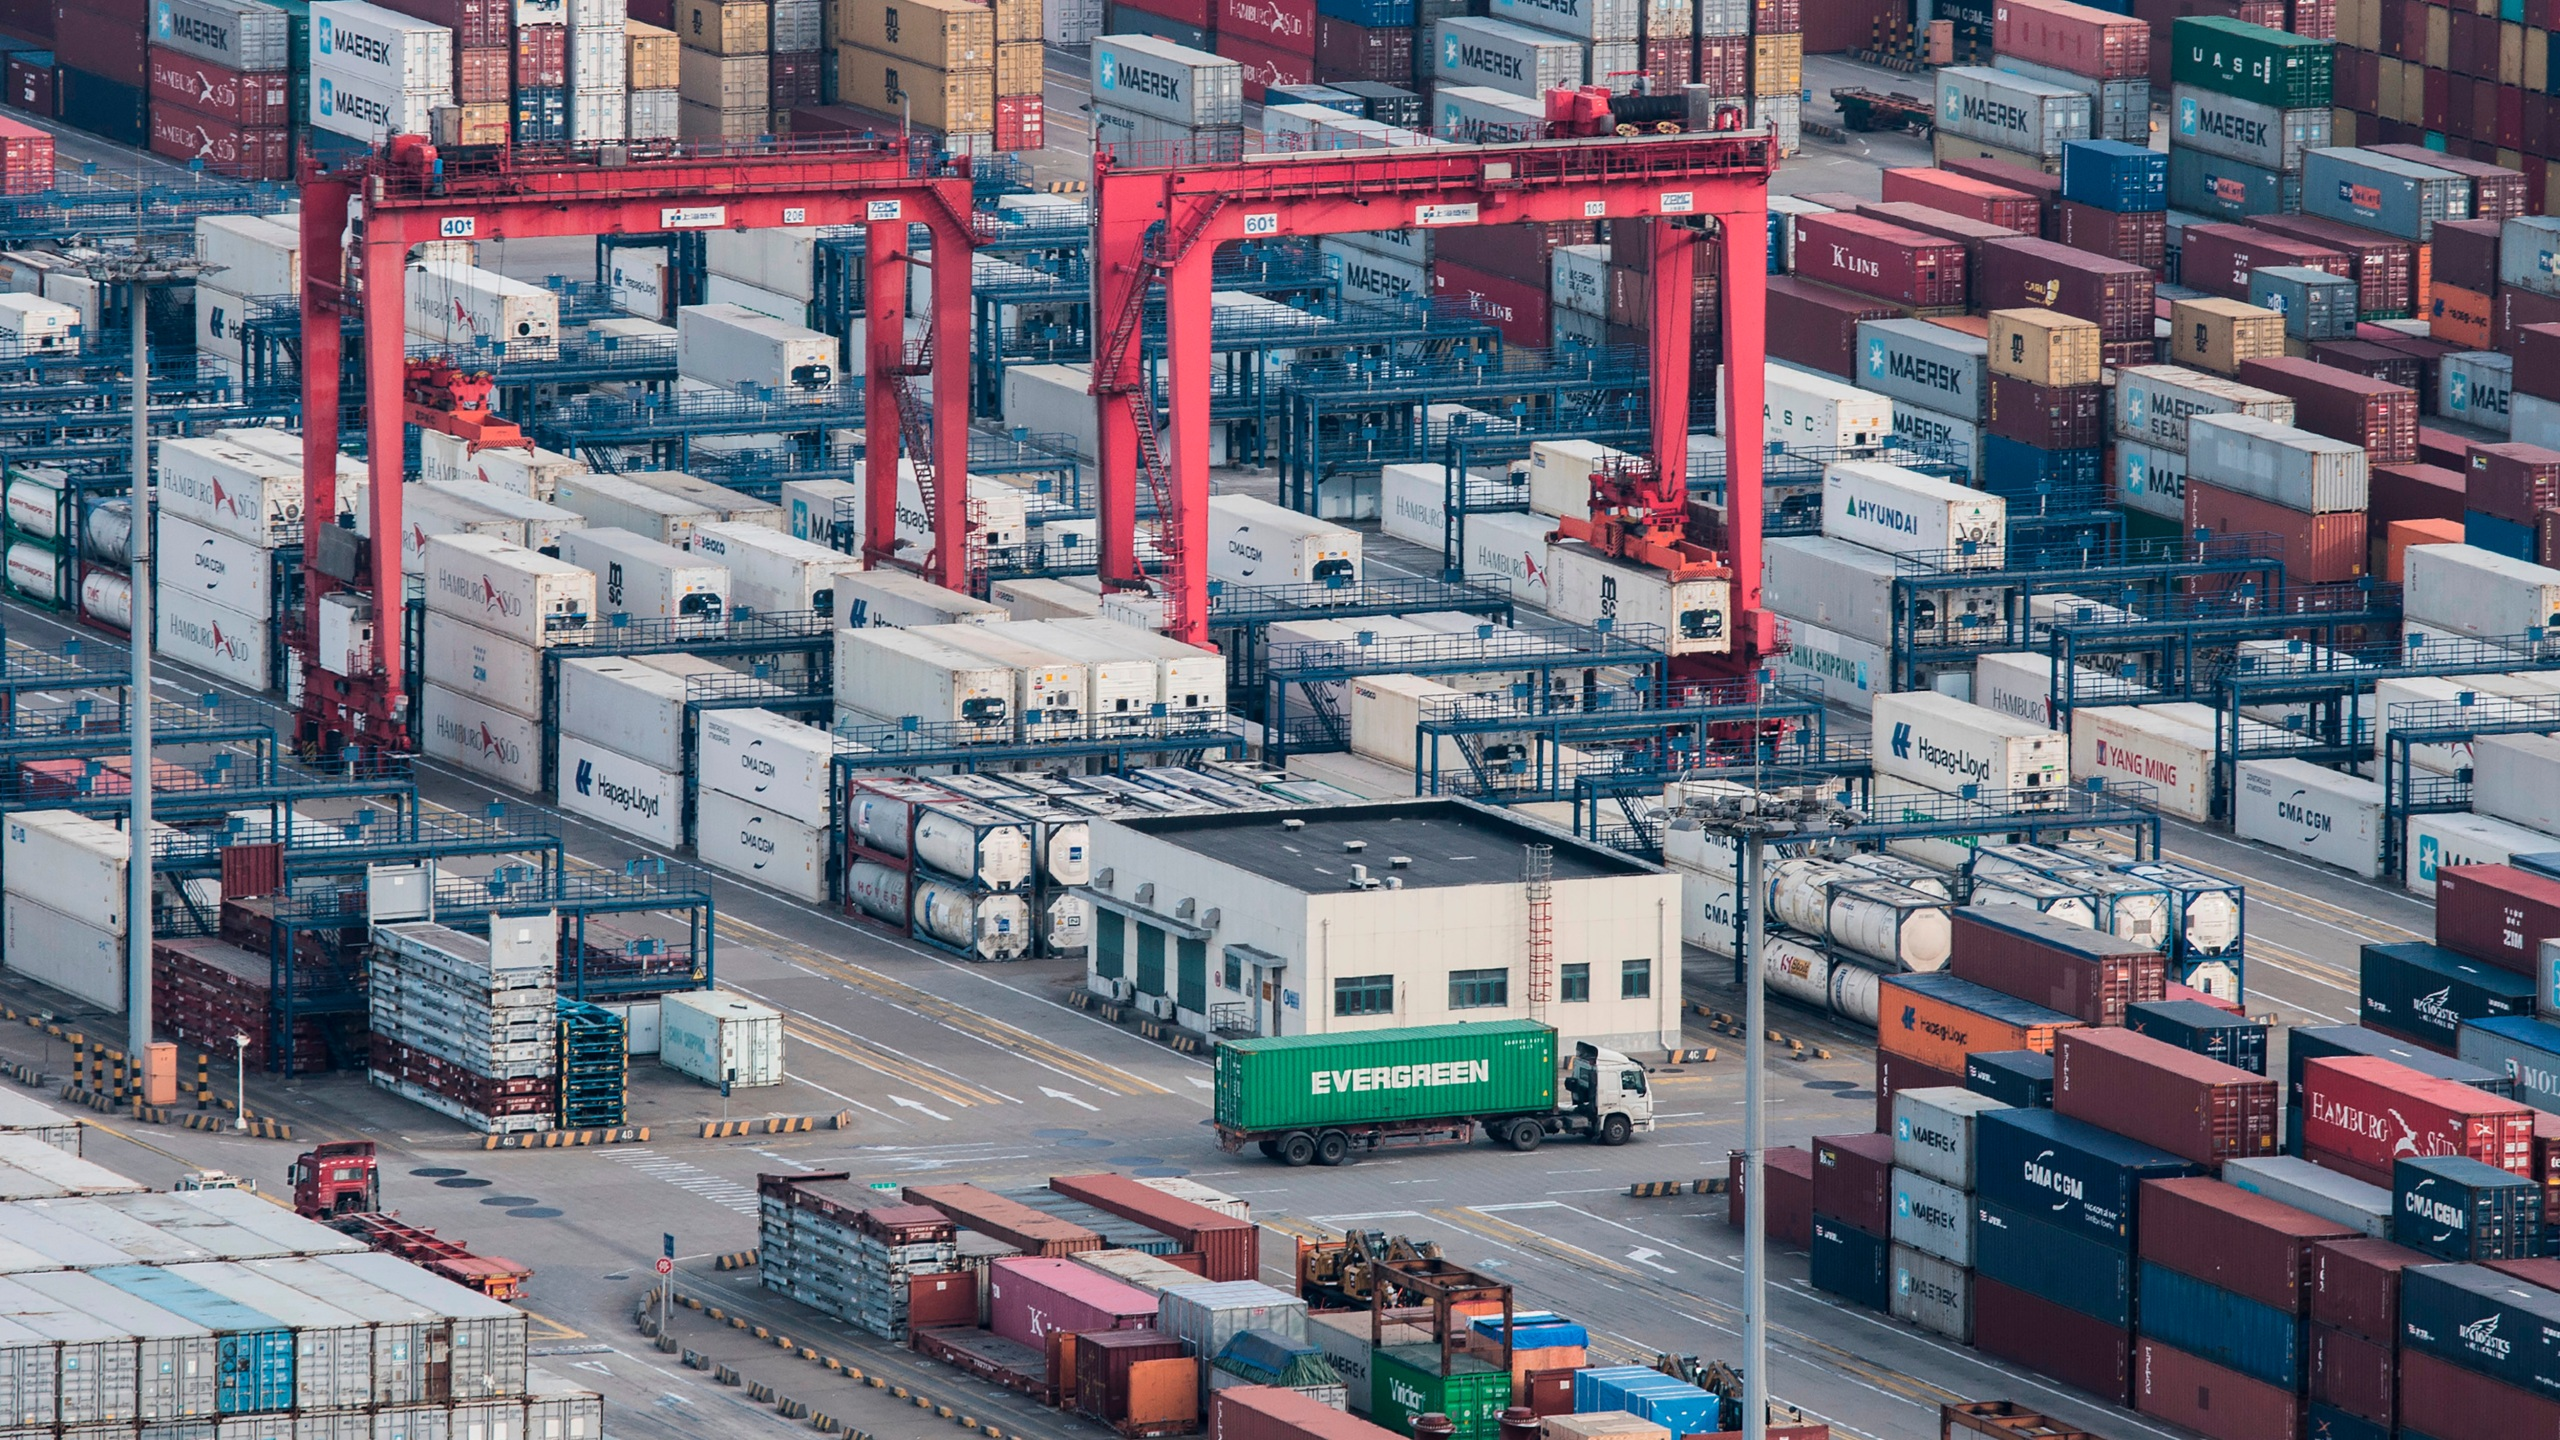 China_Economy_39668-159532.jpg20690842